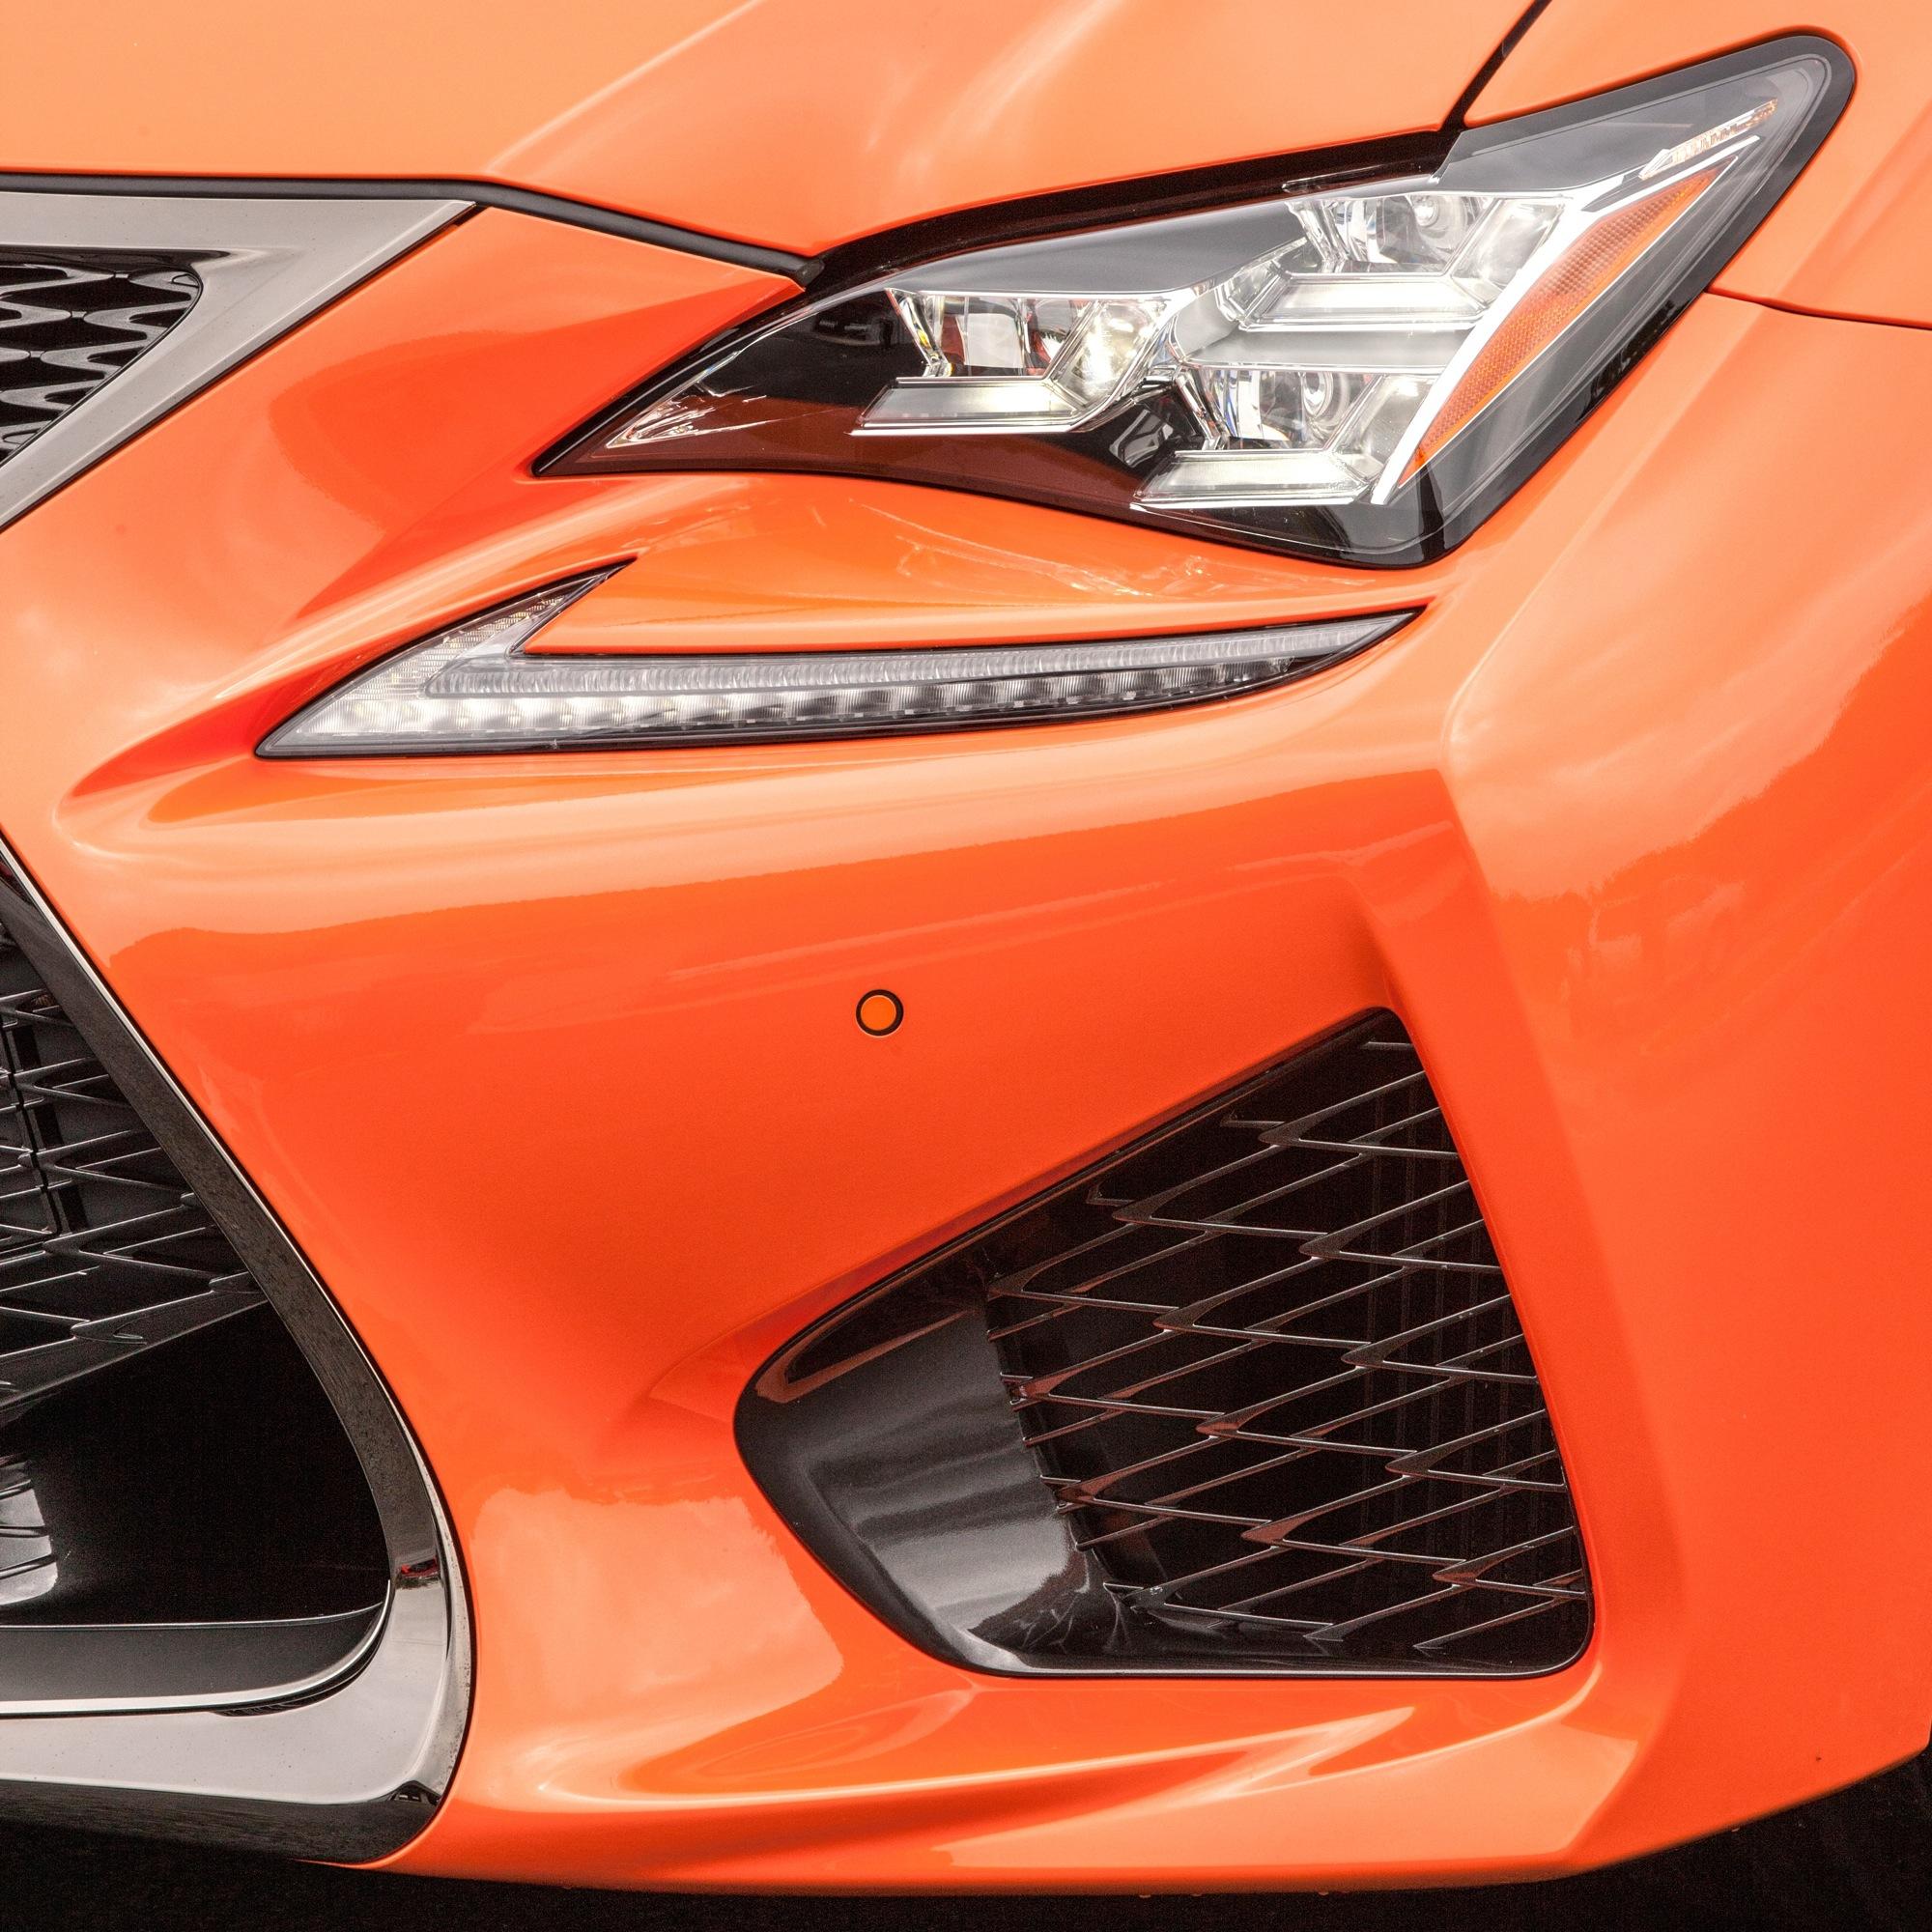 2015 Lexus Rc Suspension: 2015 Lexus RC F : Track Day